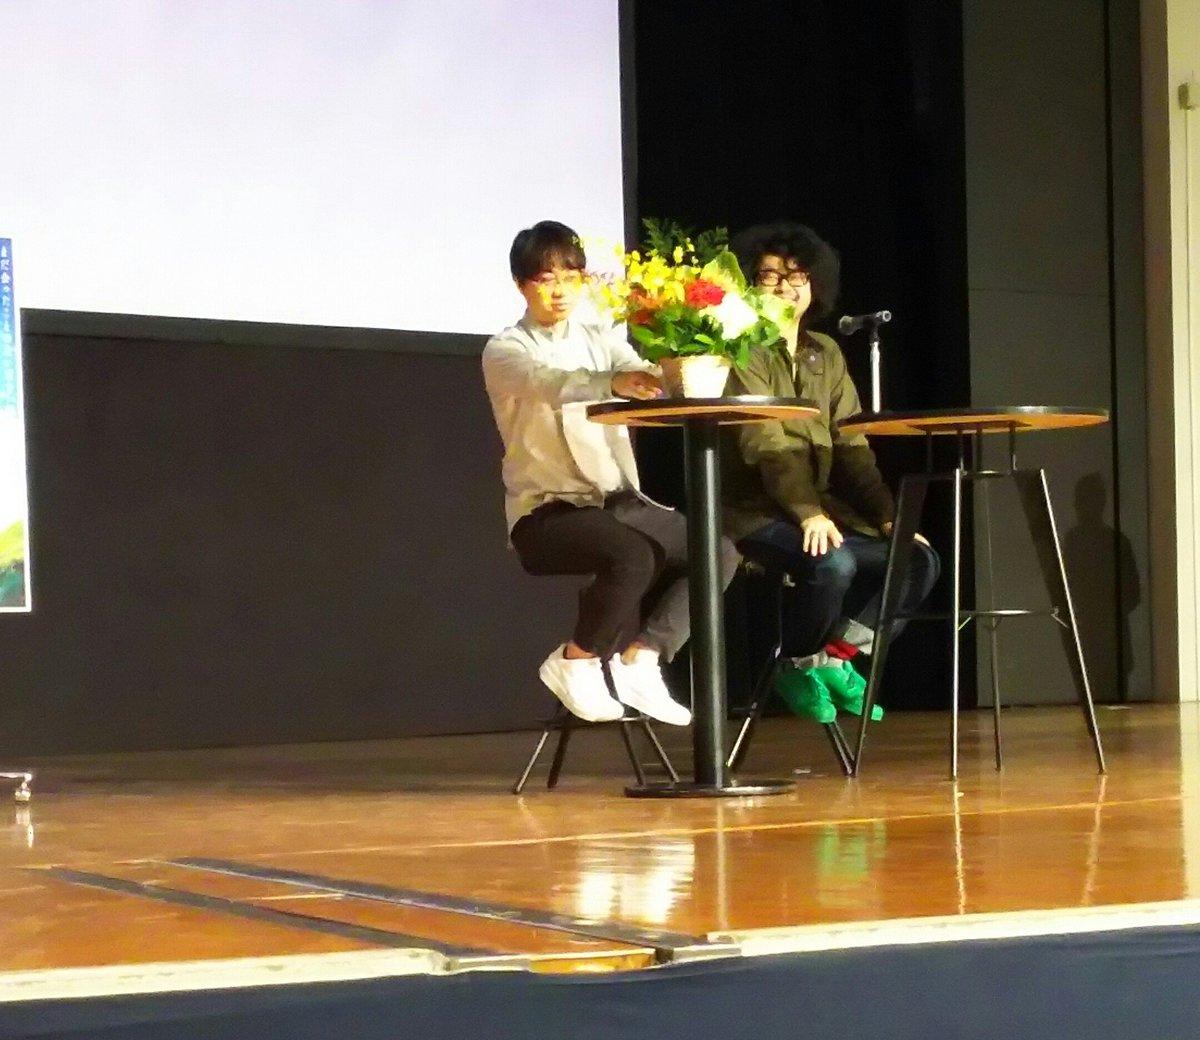 今日は中大のホームカミングデー❗特別企画として、新海誠監督のスペシャルトークショー&監督作品「言の葉の庭」上映会が開催さ